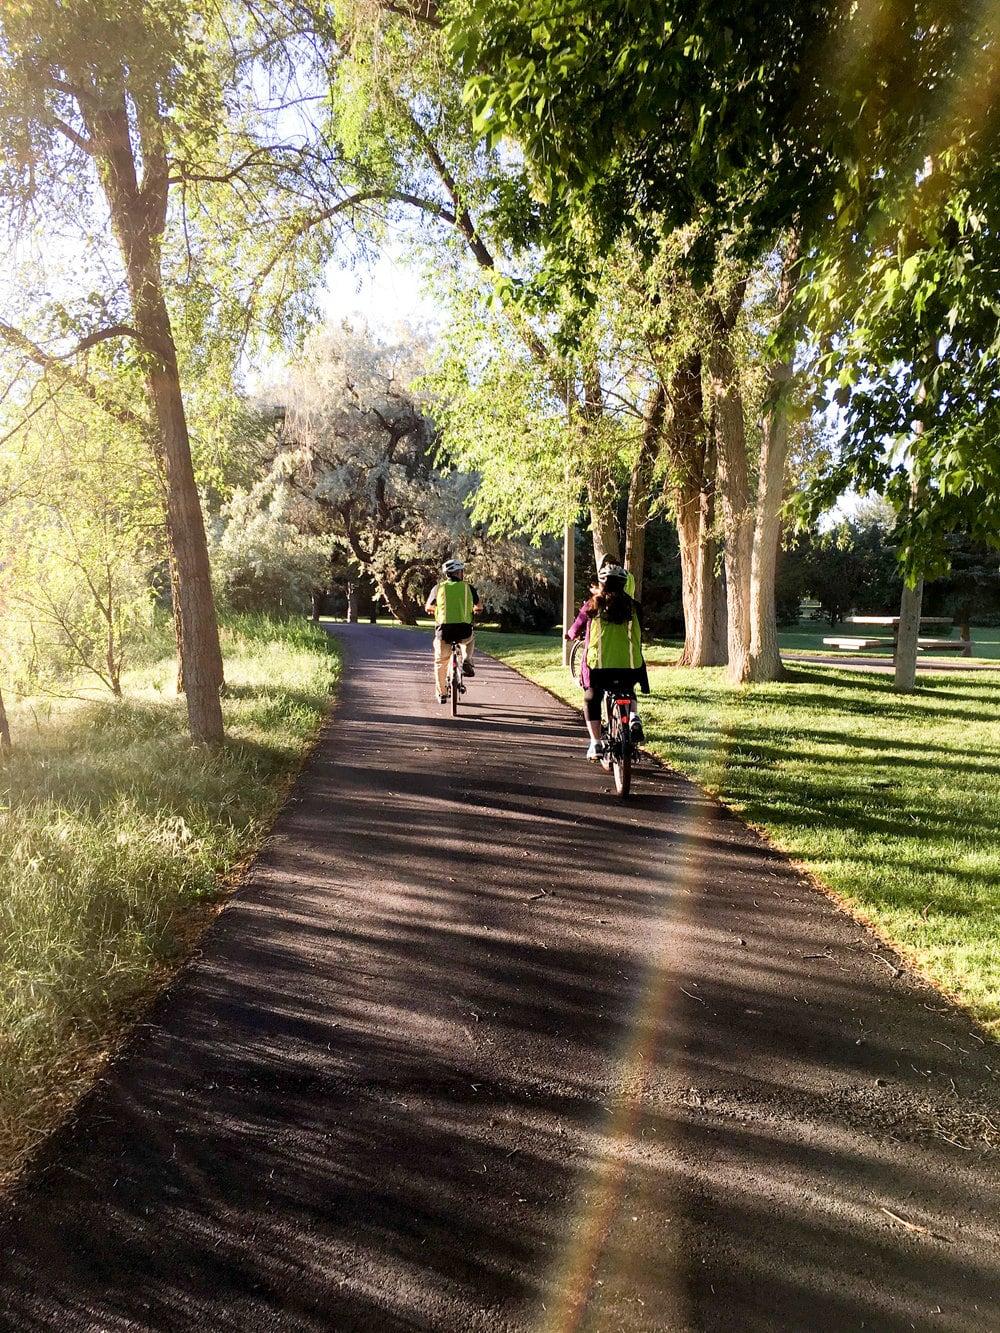 explore downtown salt lake city by bike